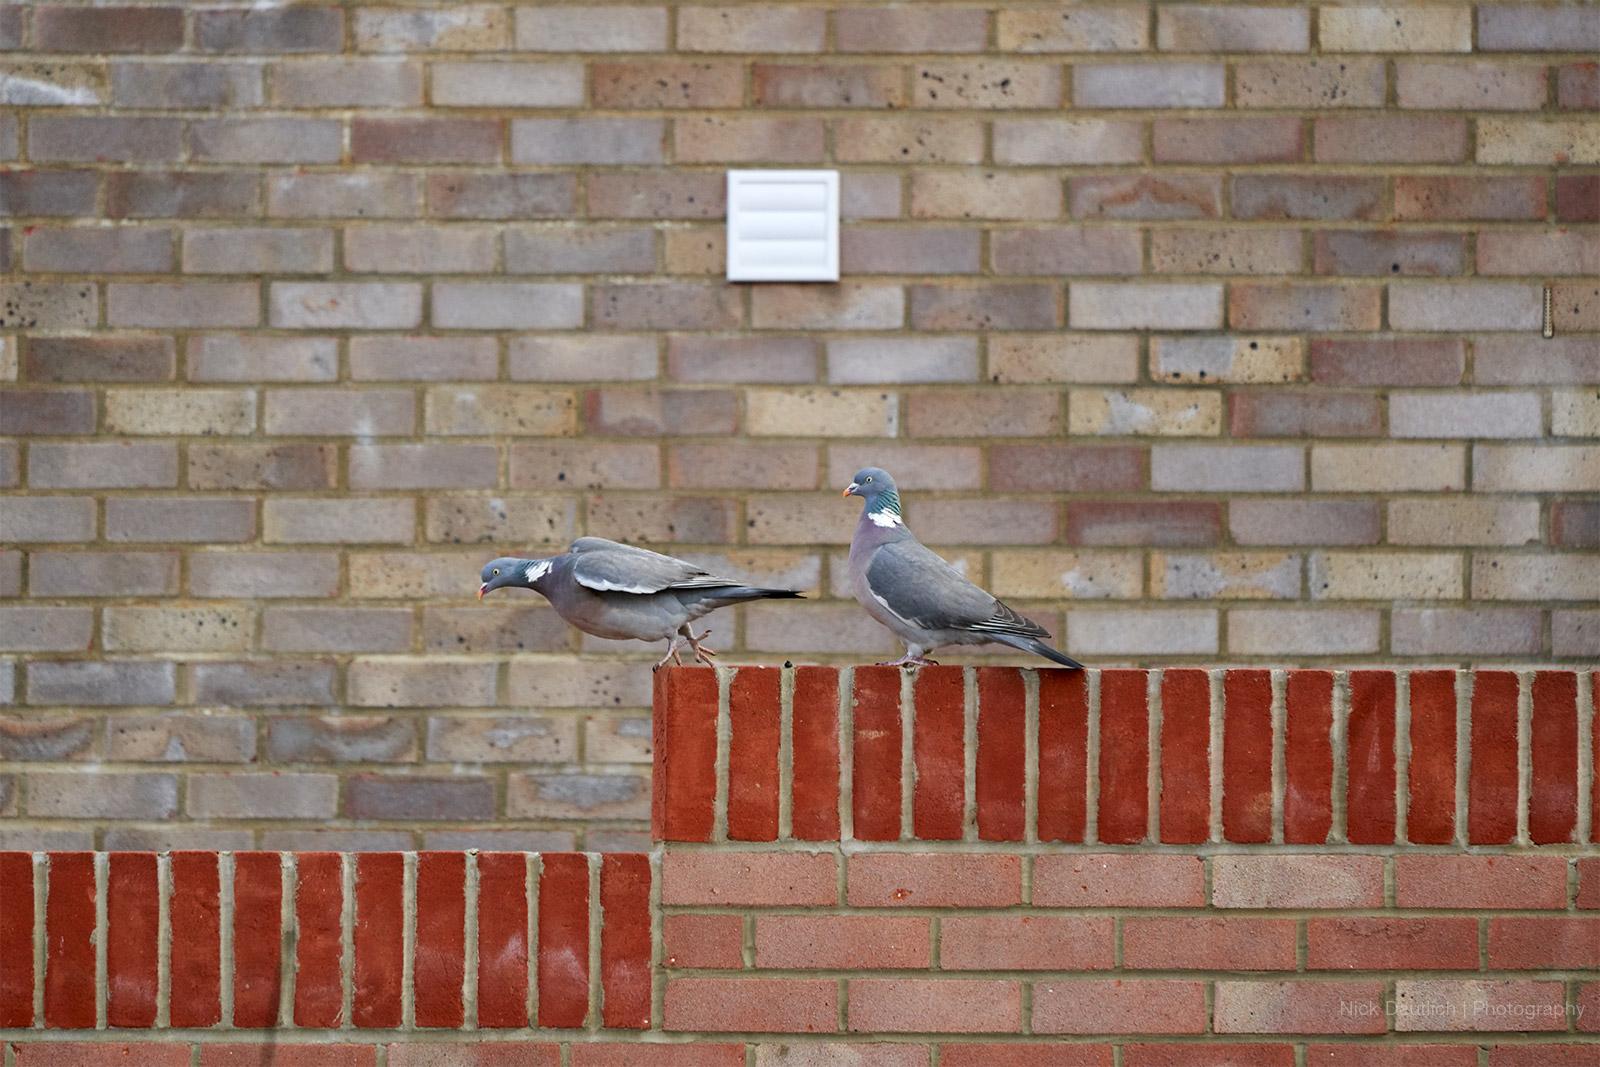 Garden bird photography tips at home